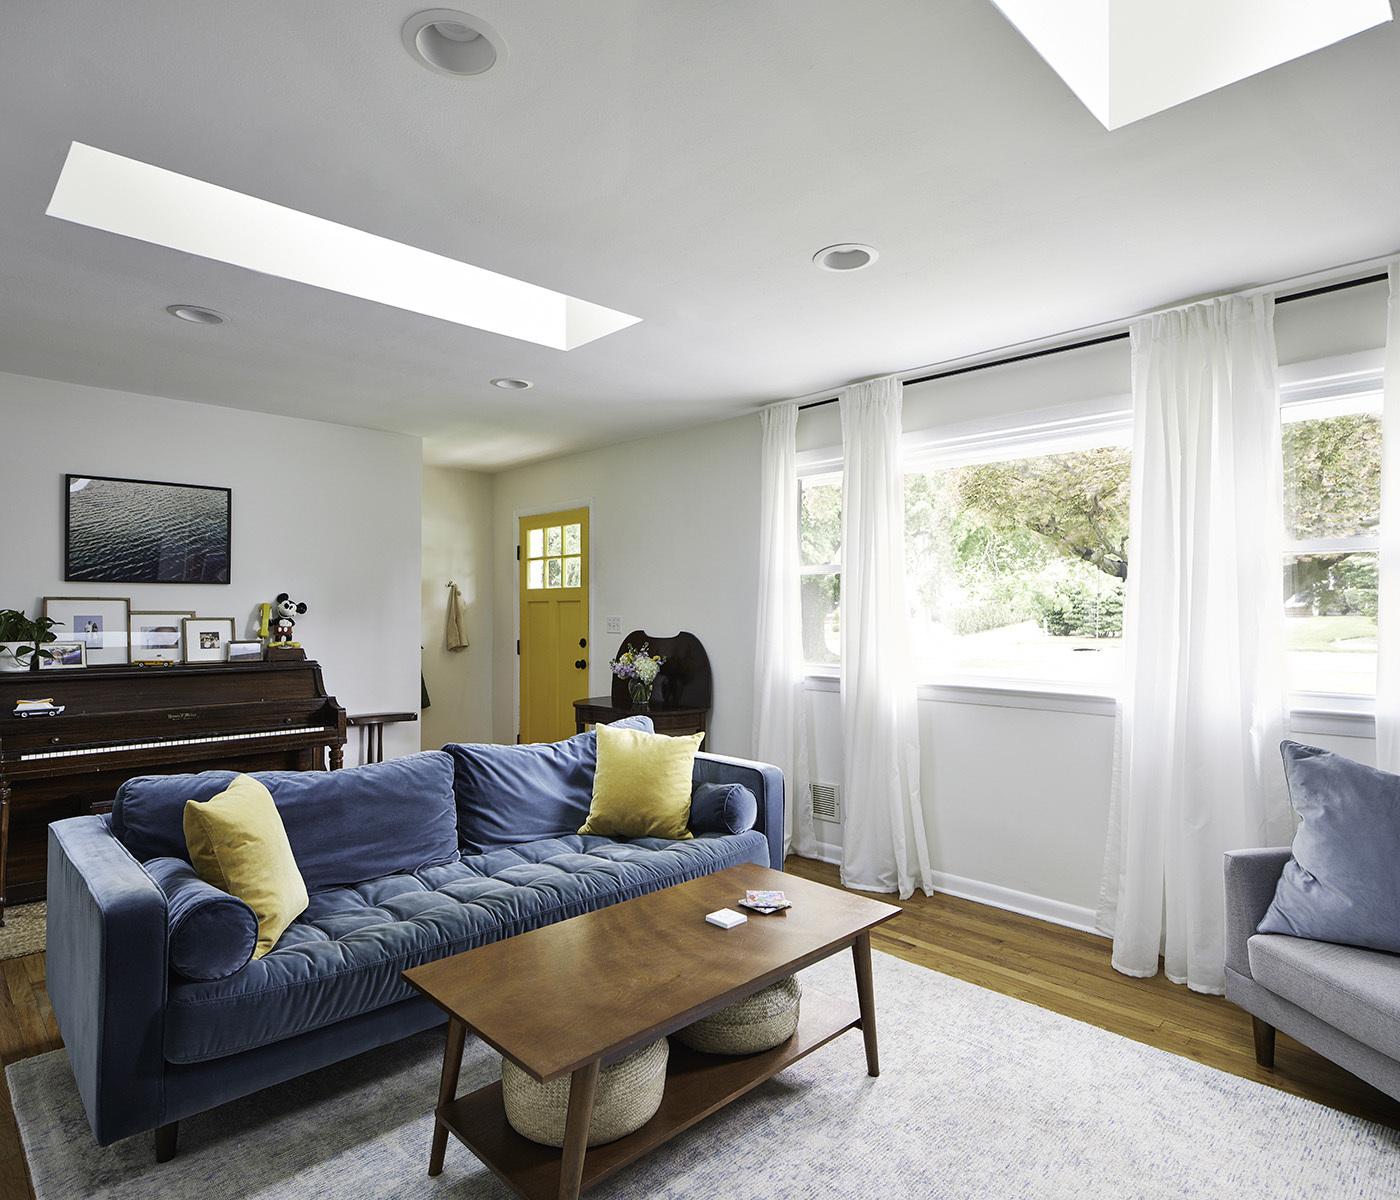 Living-room-wide-yellow-door-feat.jpg#asset:4154